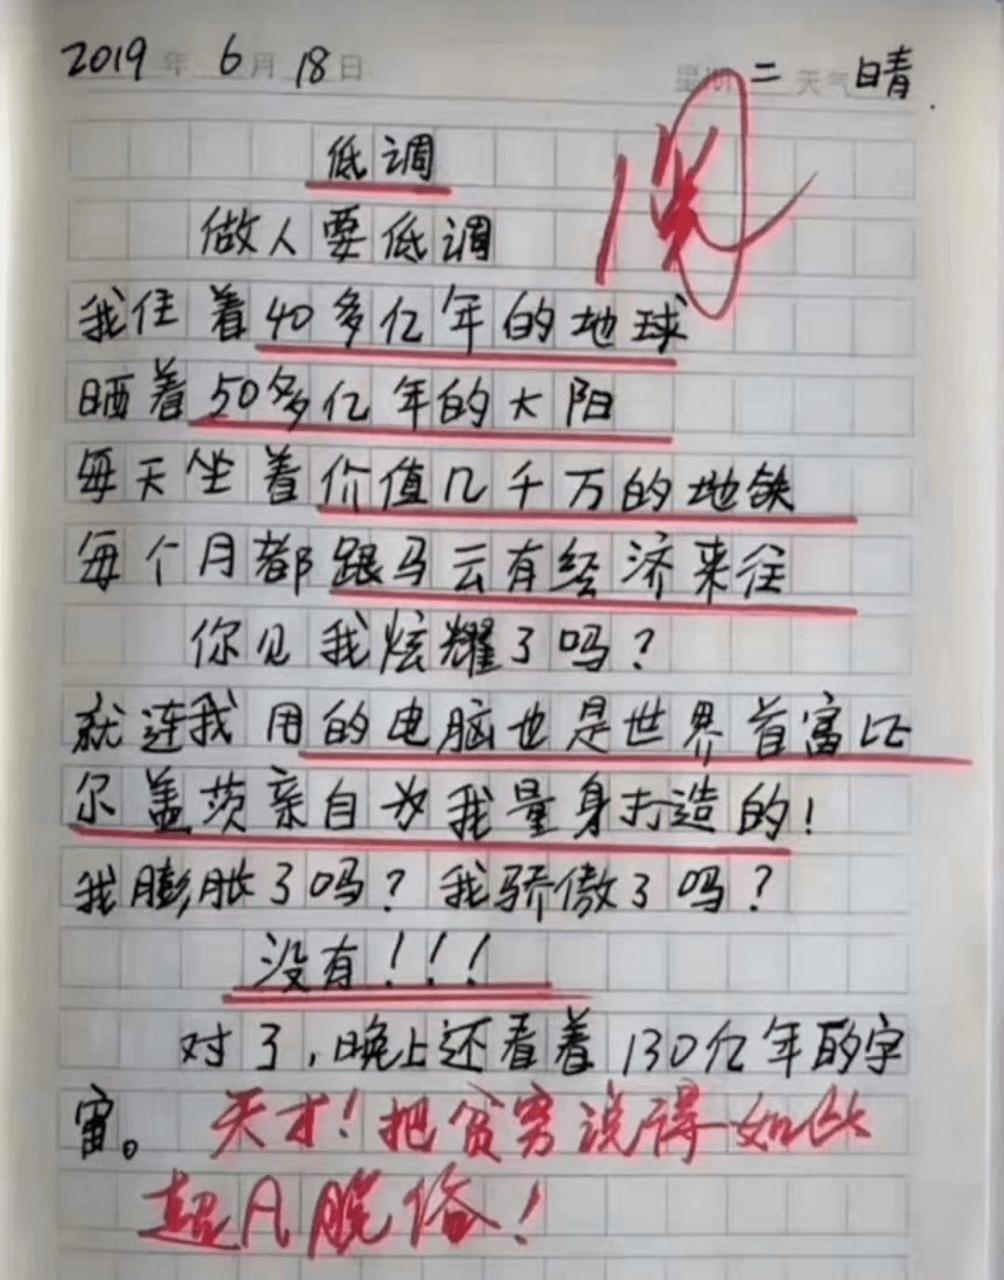 【转载】(1025)小学生作文《热死了》火了,老师称:优秀,我拜你为师吧!by Julia ..._图1-3